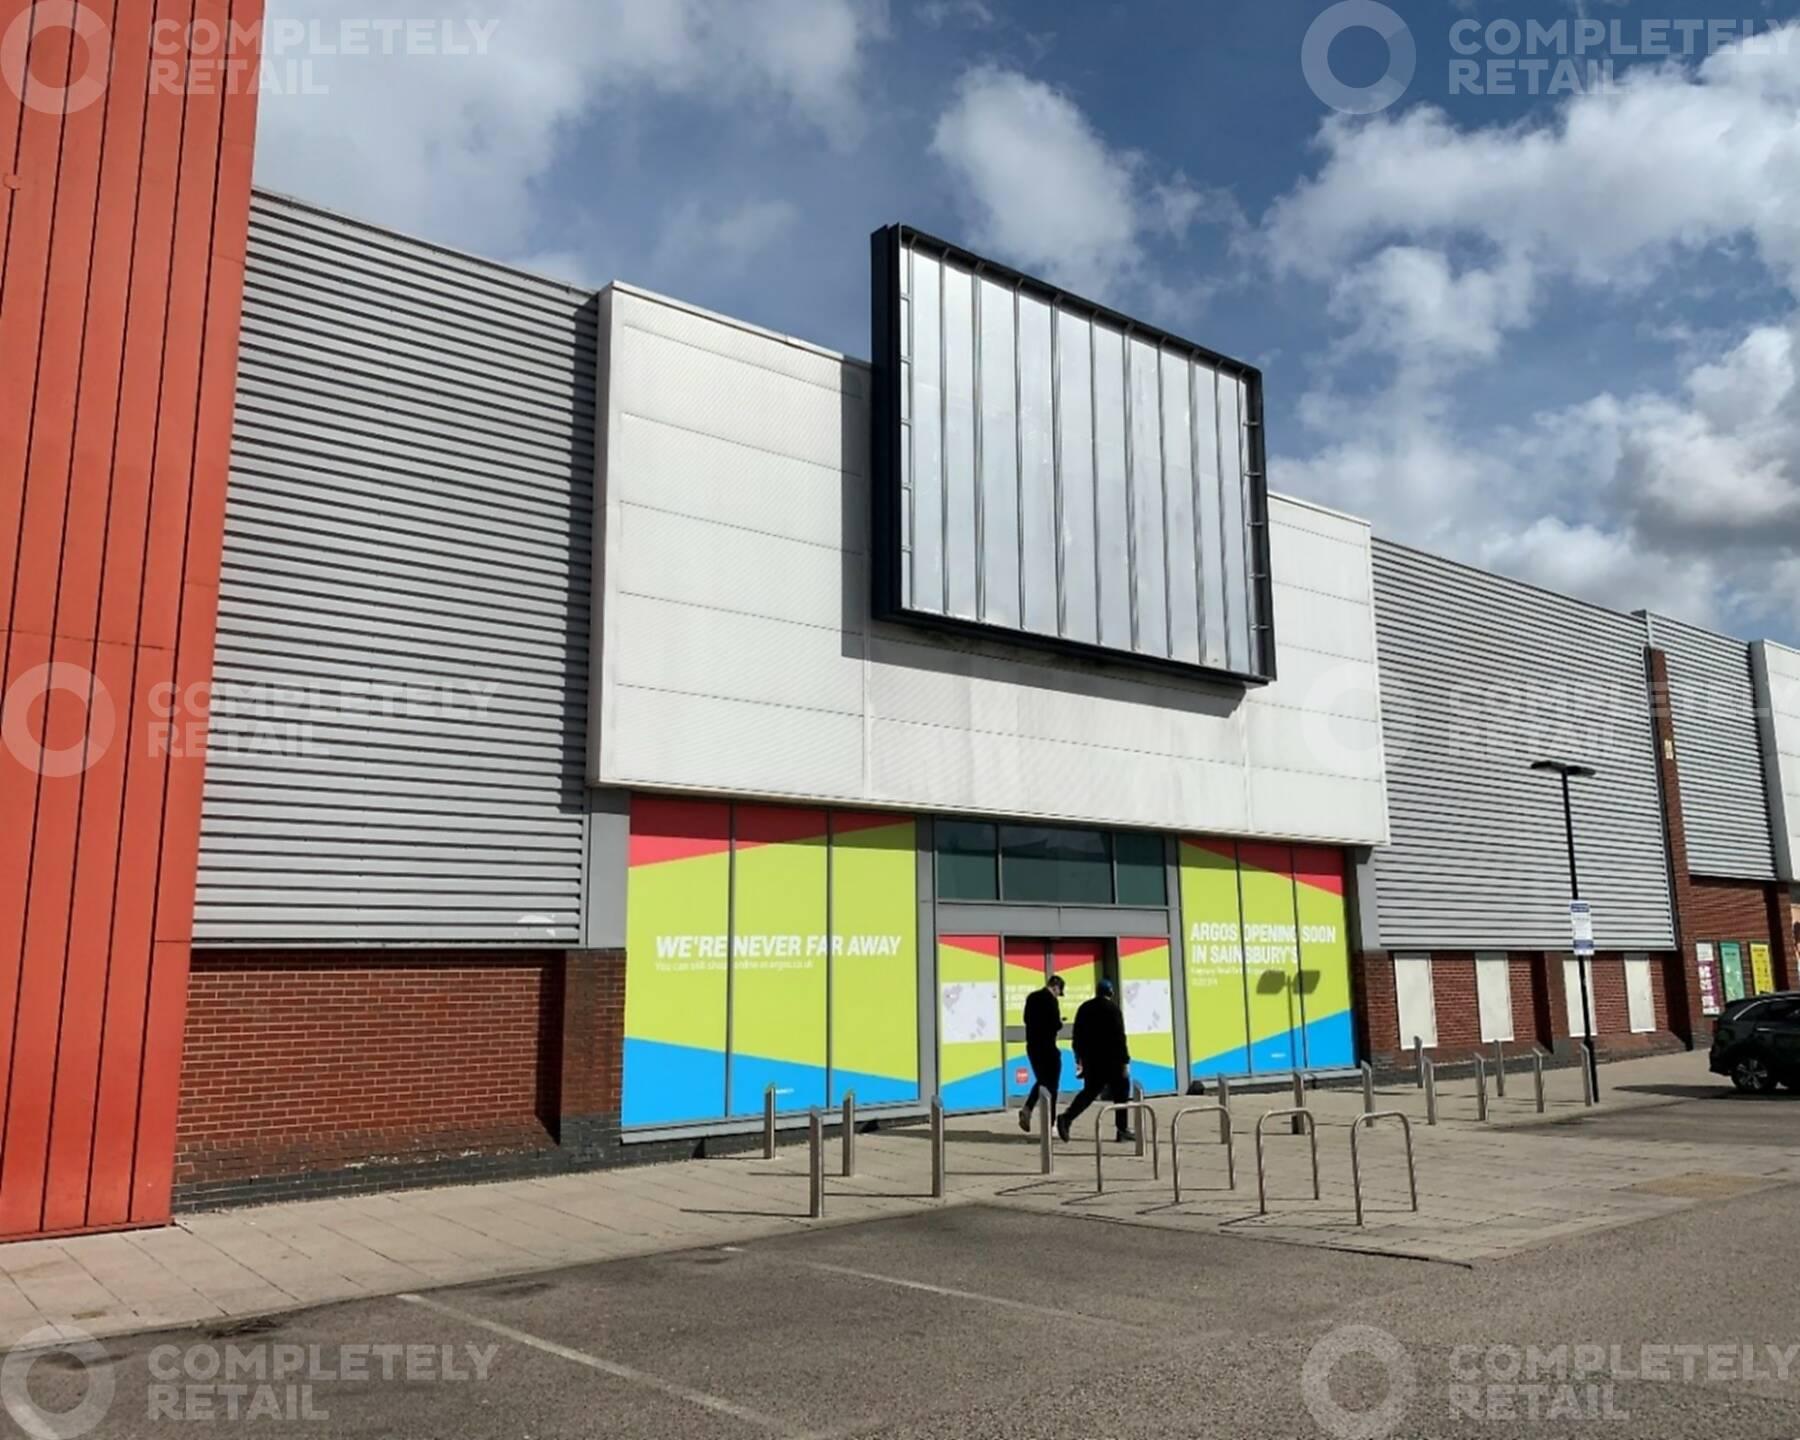 Unit 1A, Kingsway Retail Park, Derby